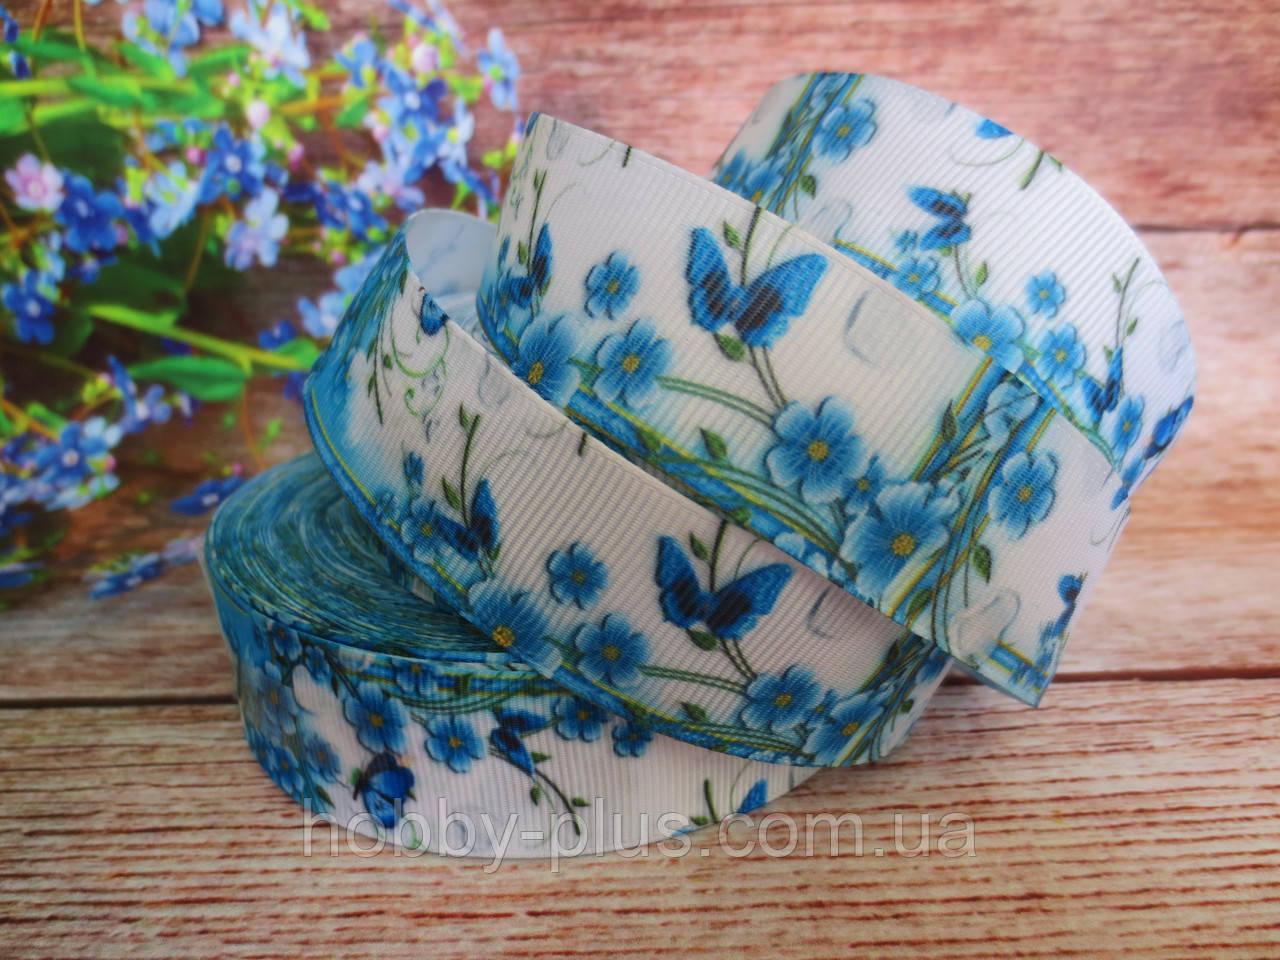 """Лента репсовая """"Голубые цветы на белом фоне"""", 2,5 см."""